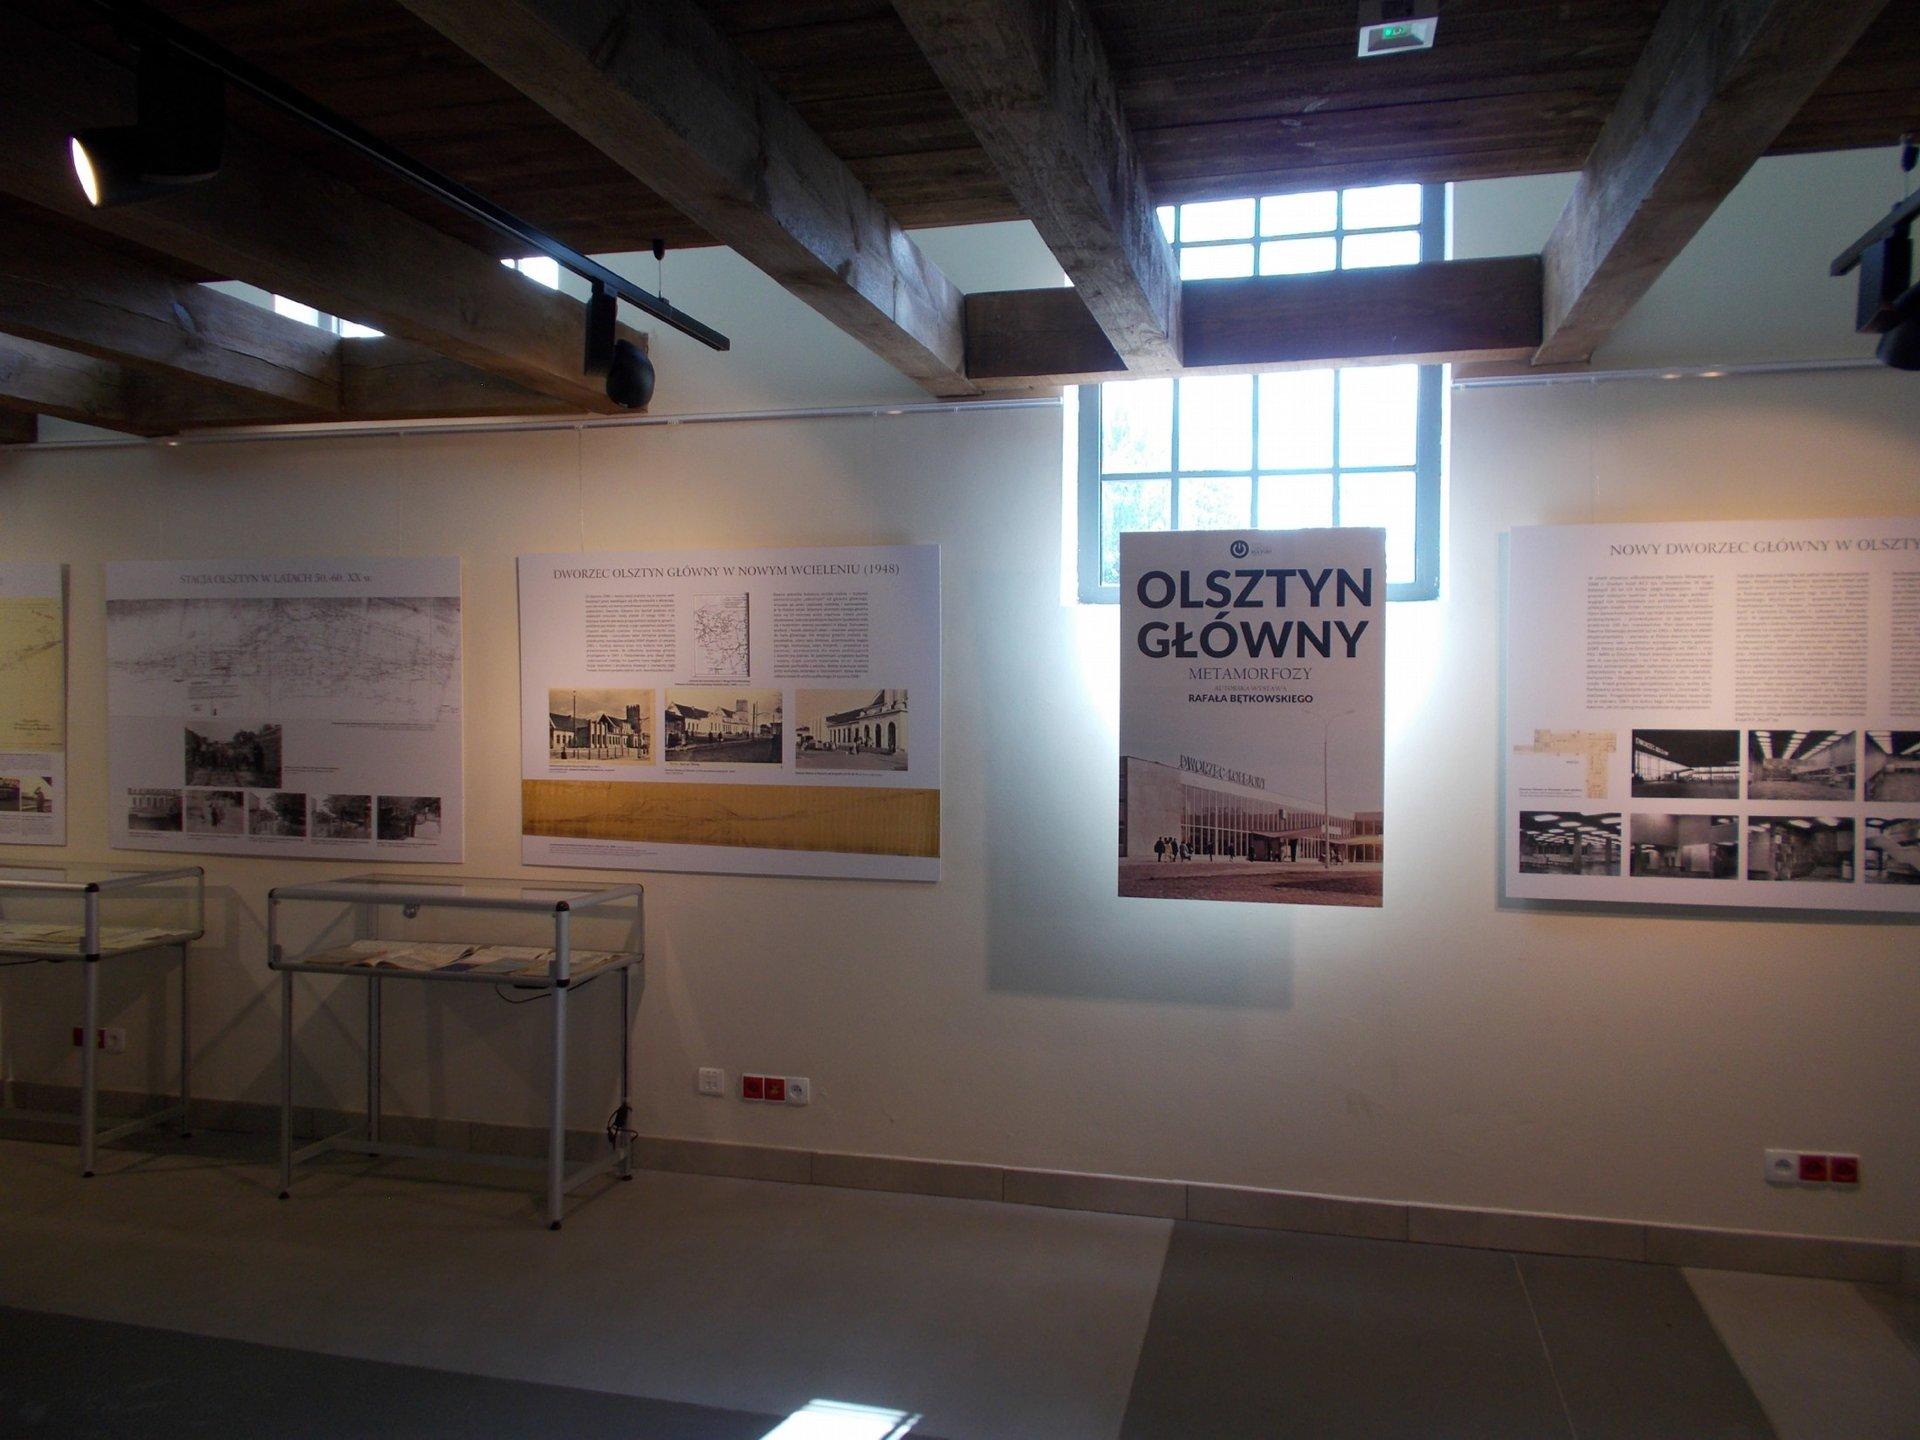 Wystawa Olsztyn Główny - metamorfozy (0a).jpg